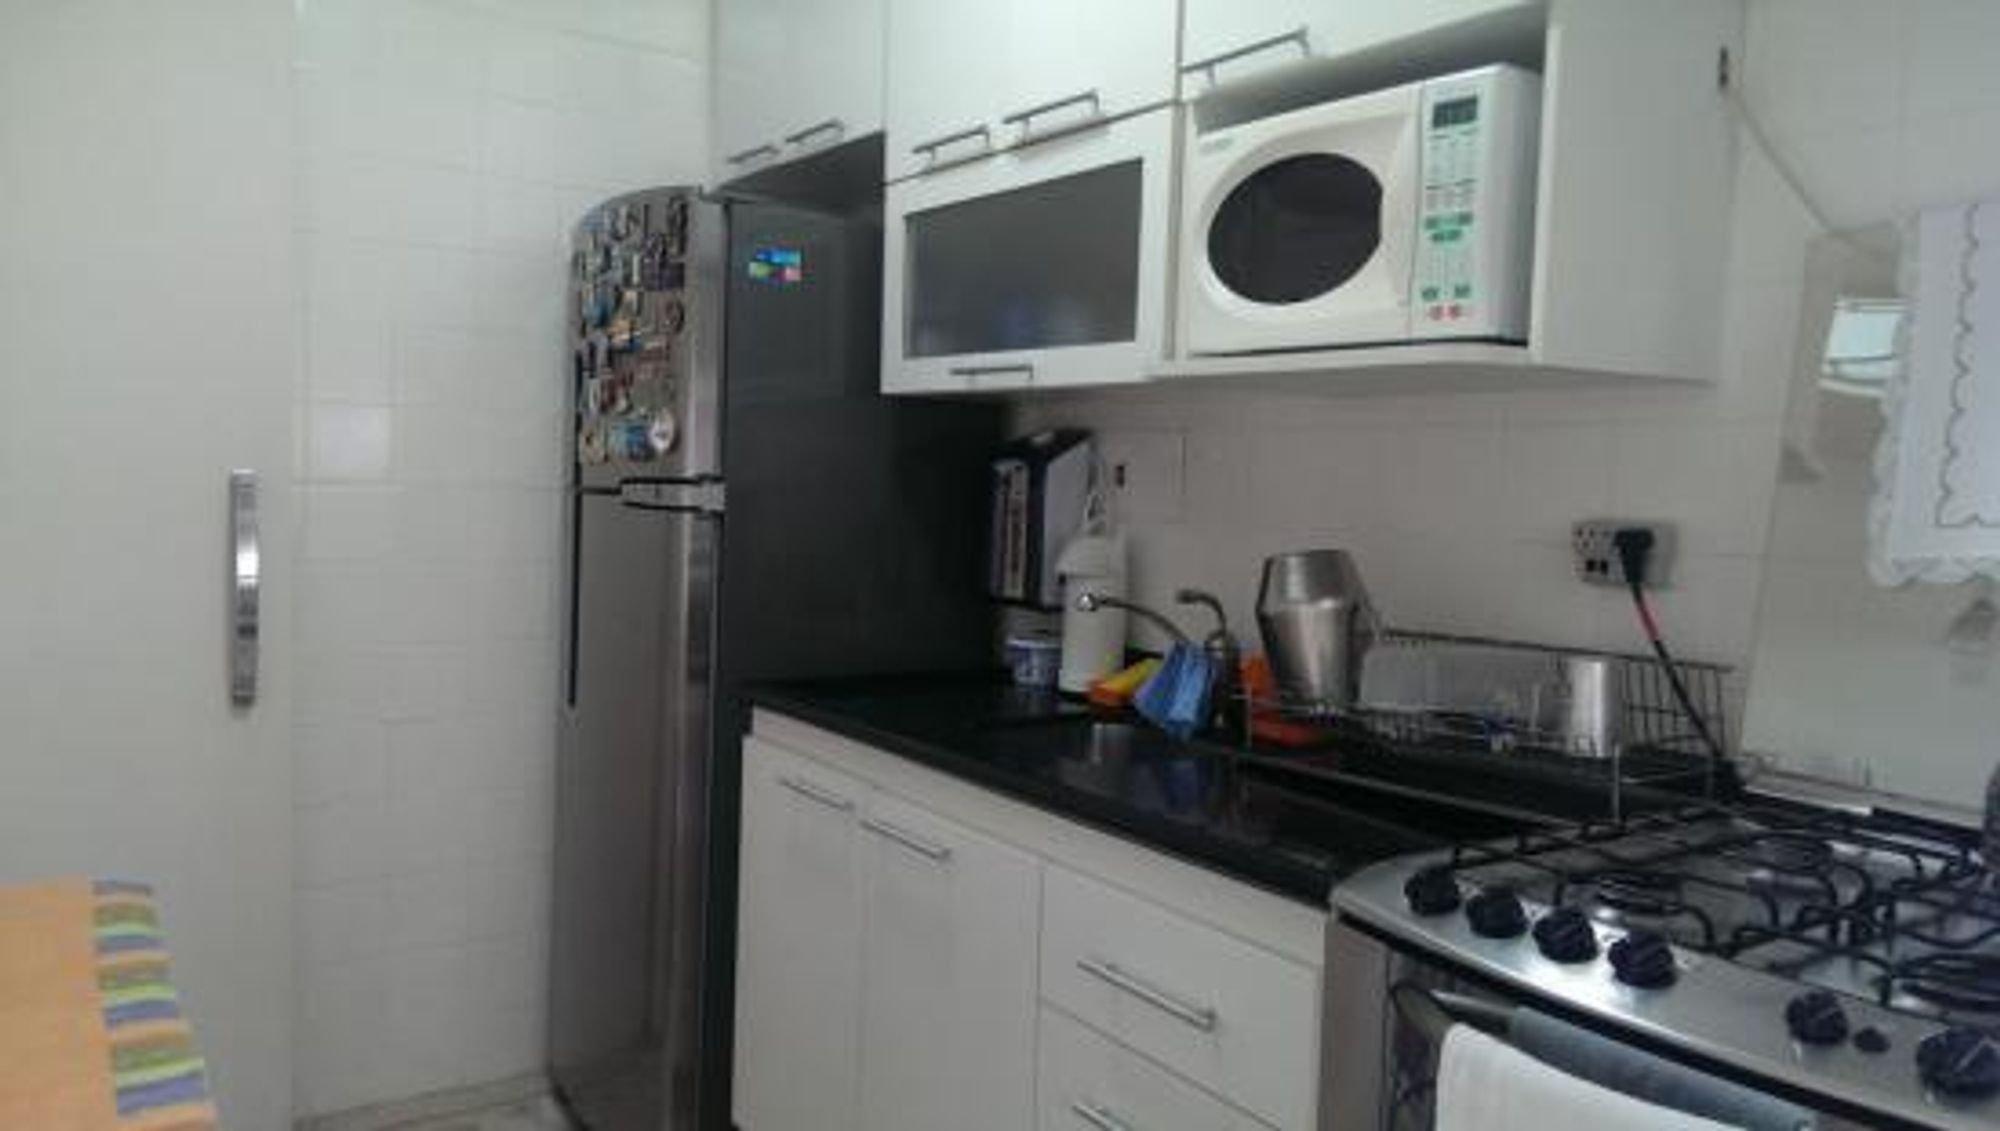 Foto de Cozinha com forno, geladeira, microondas, xícara